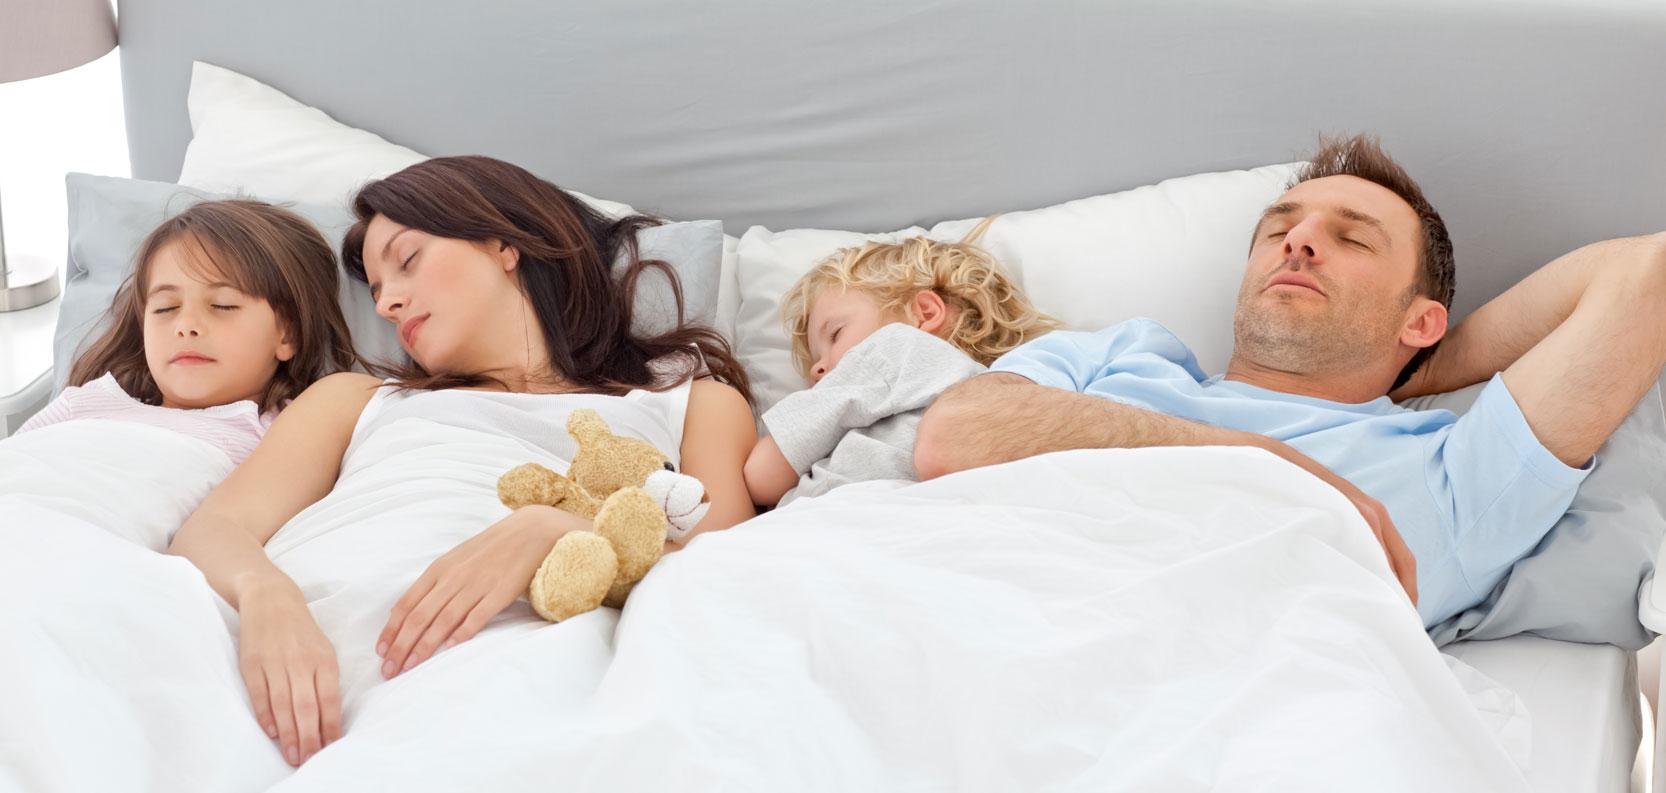 Besser schlafen: So schlafen Sie gesund